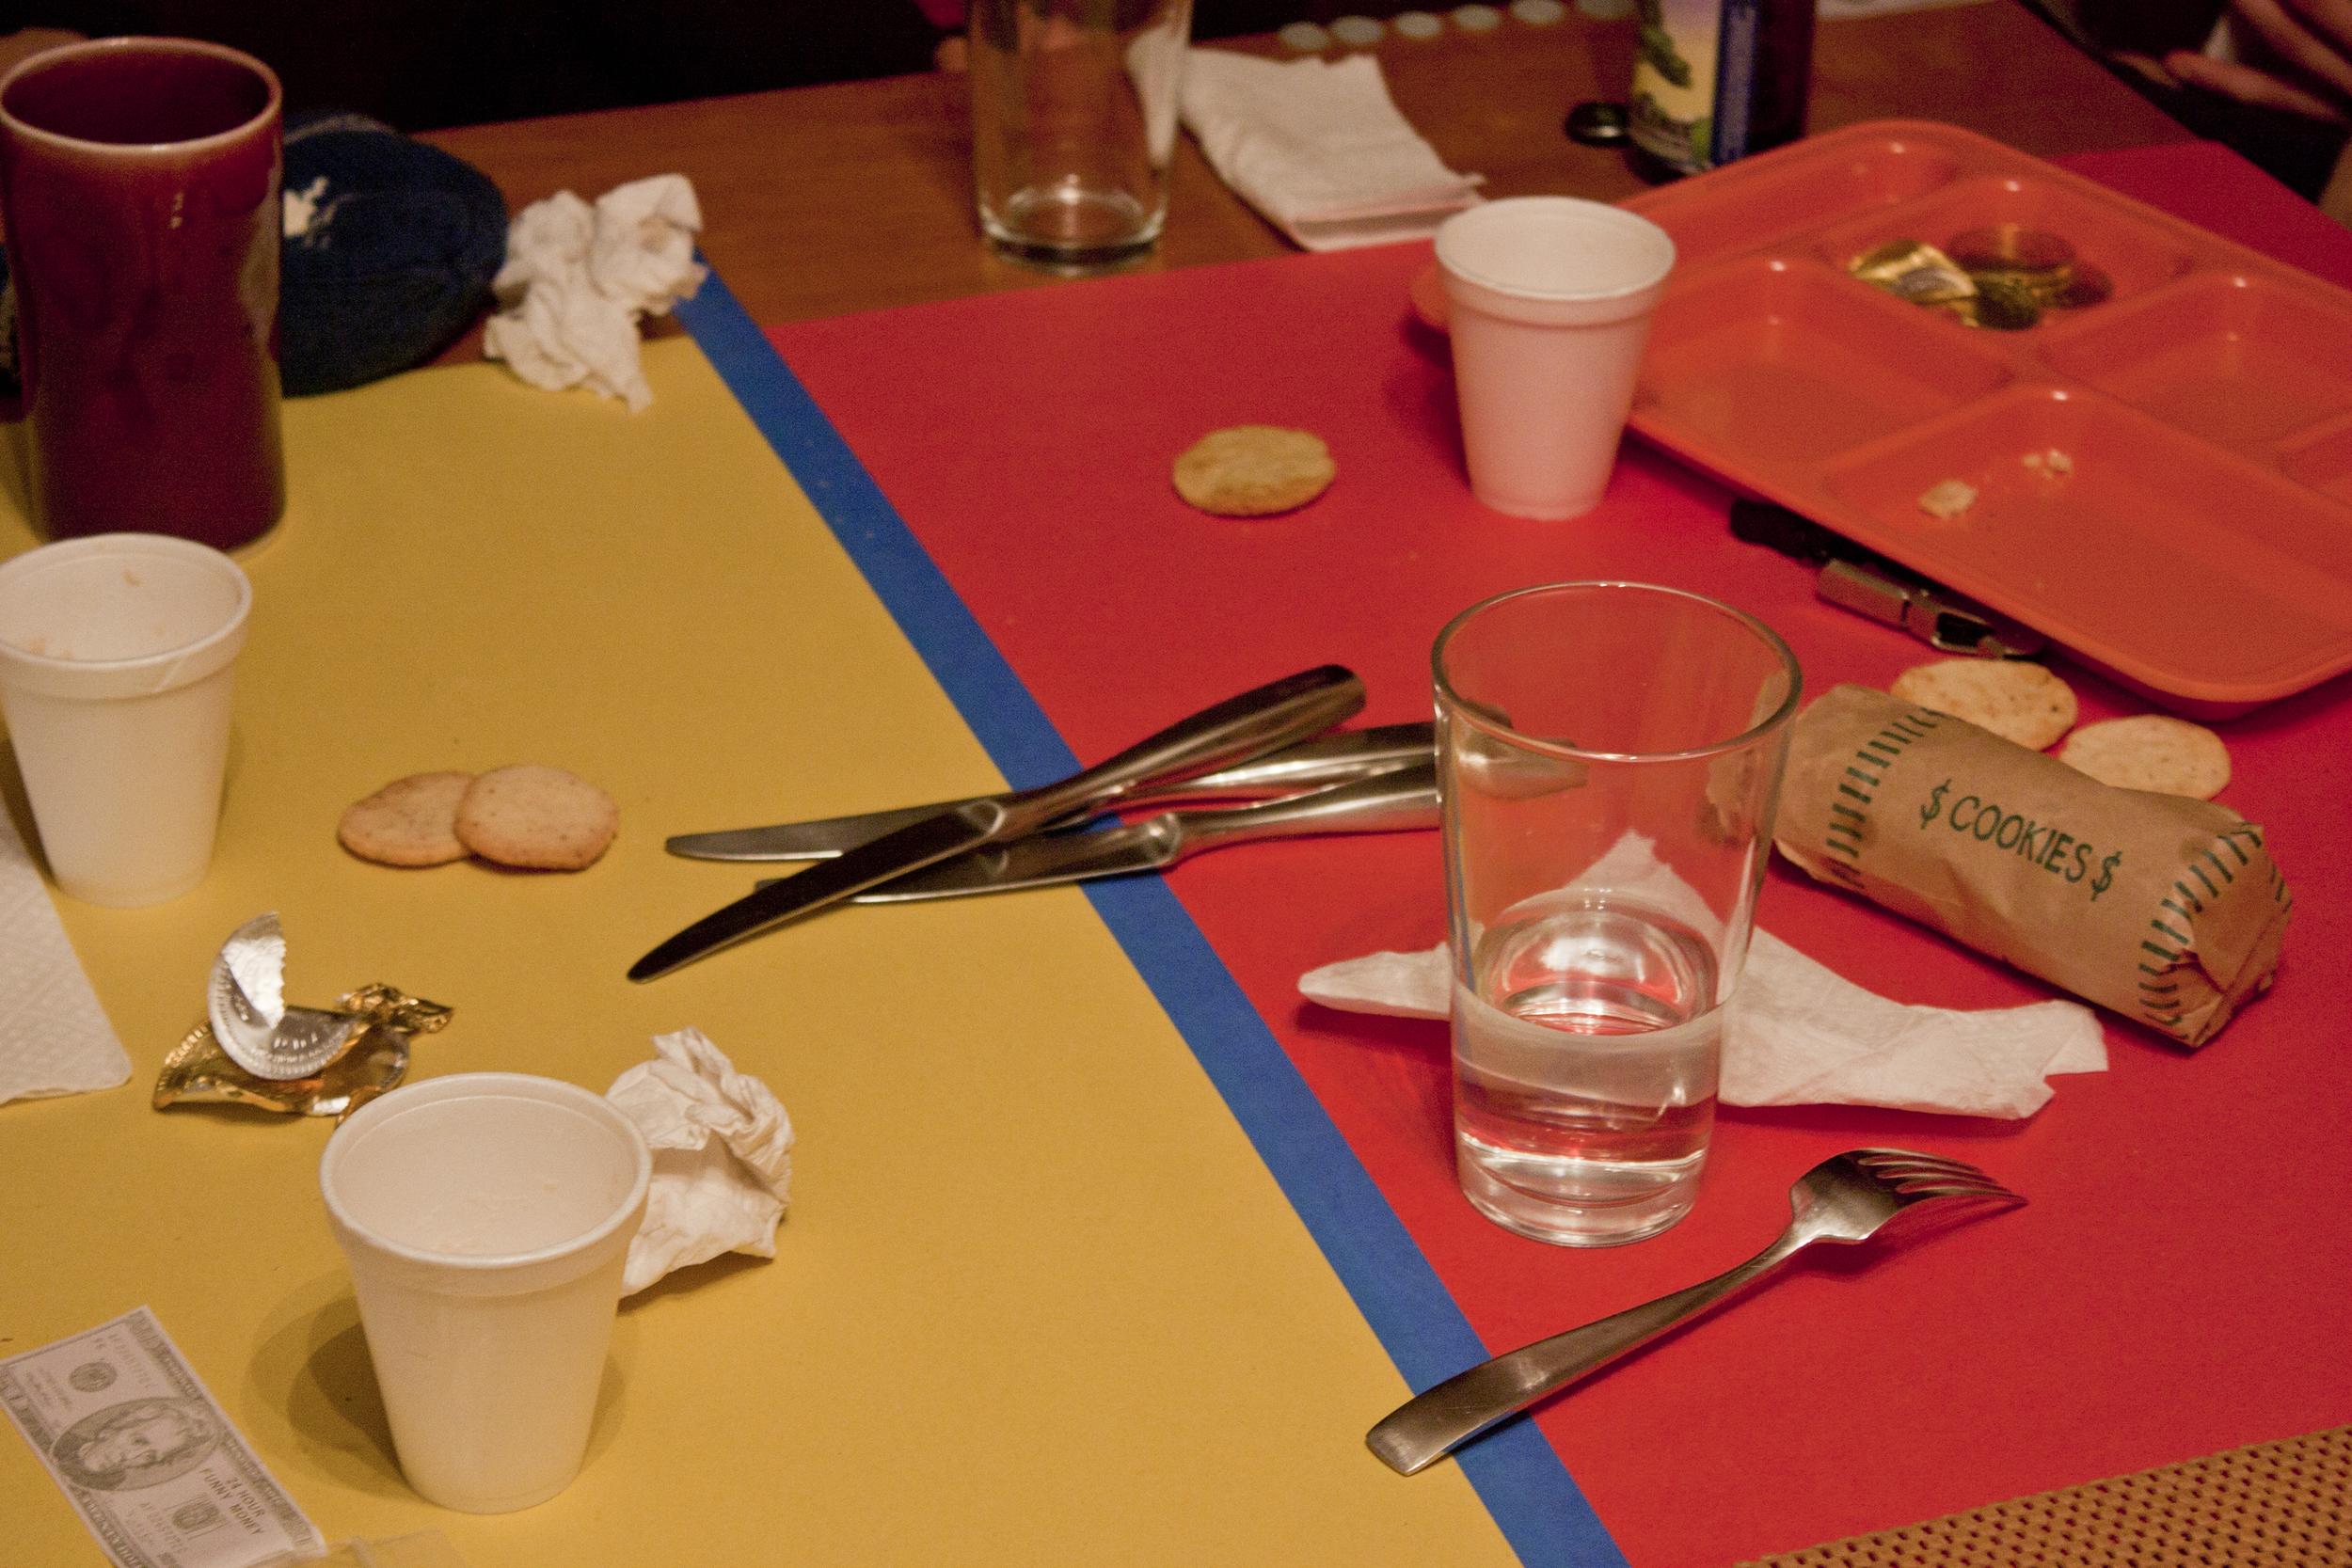 Dinner, image 14